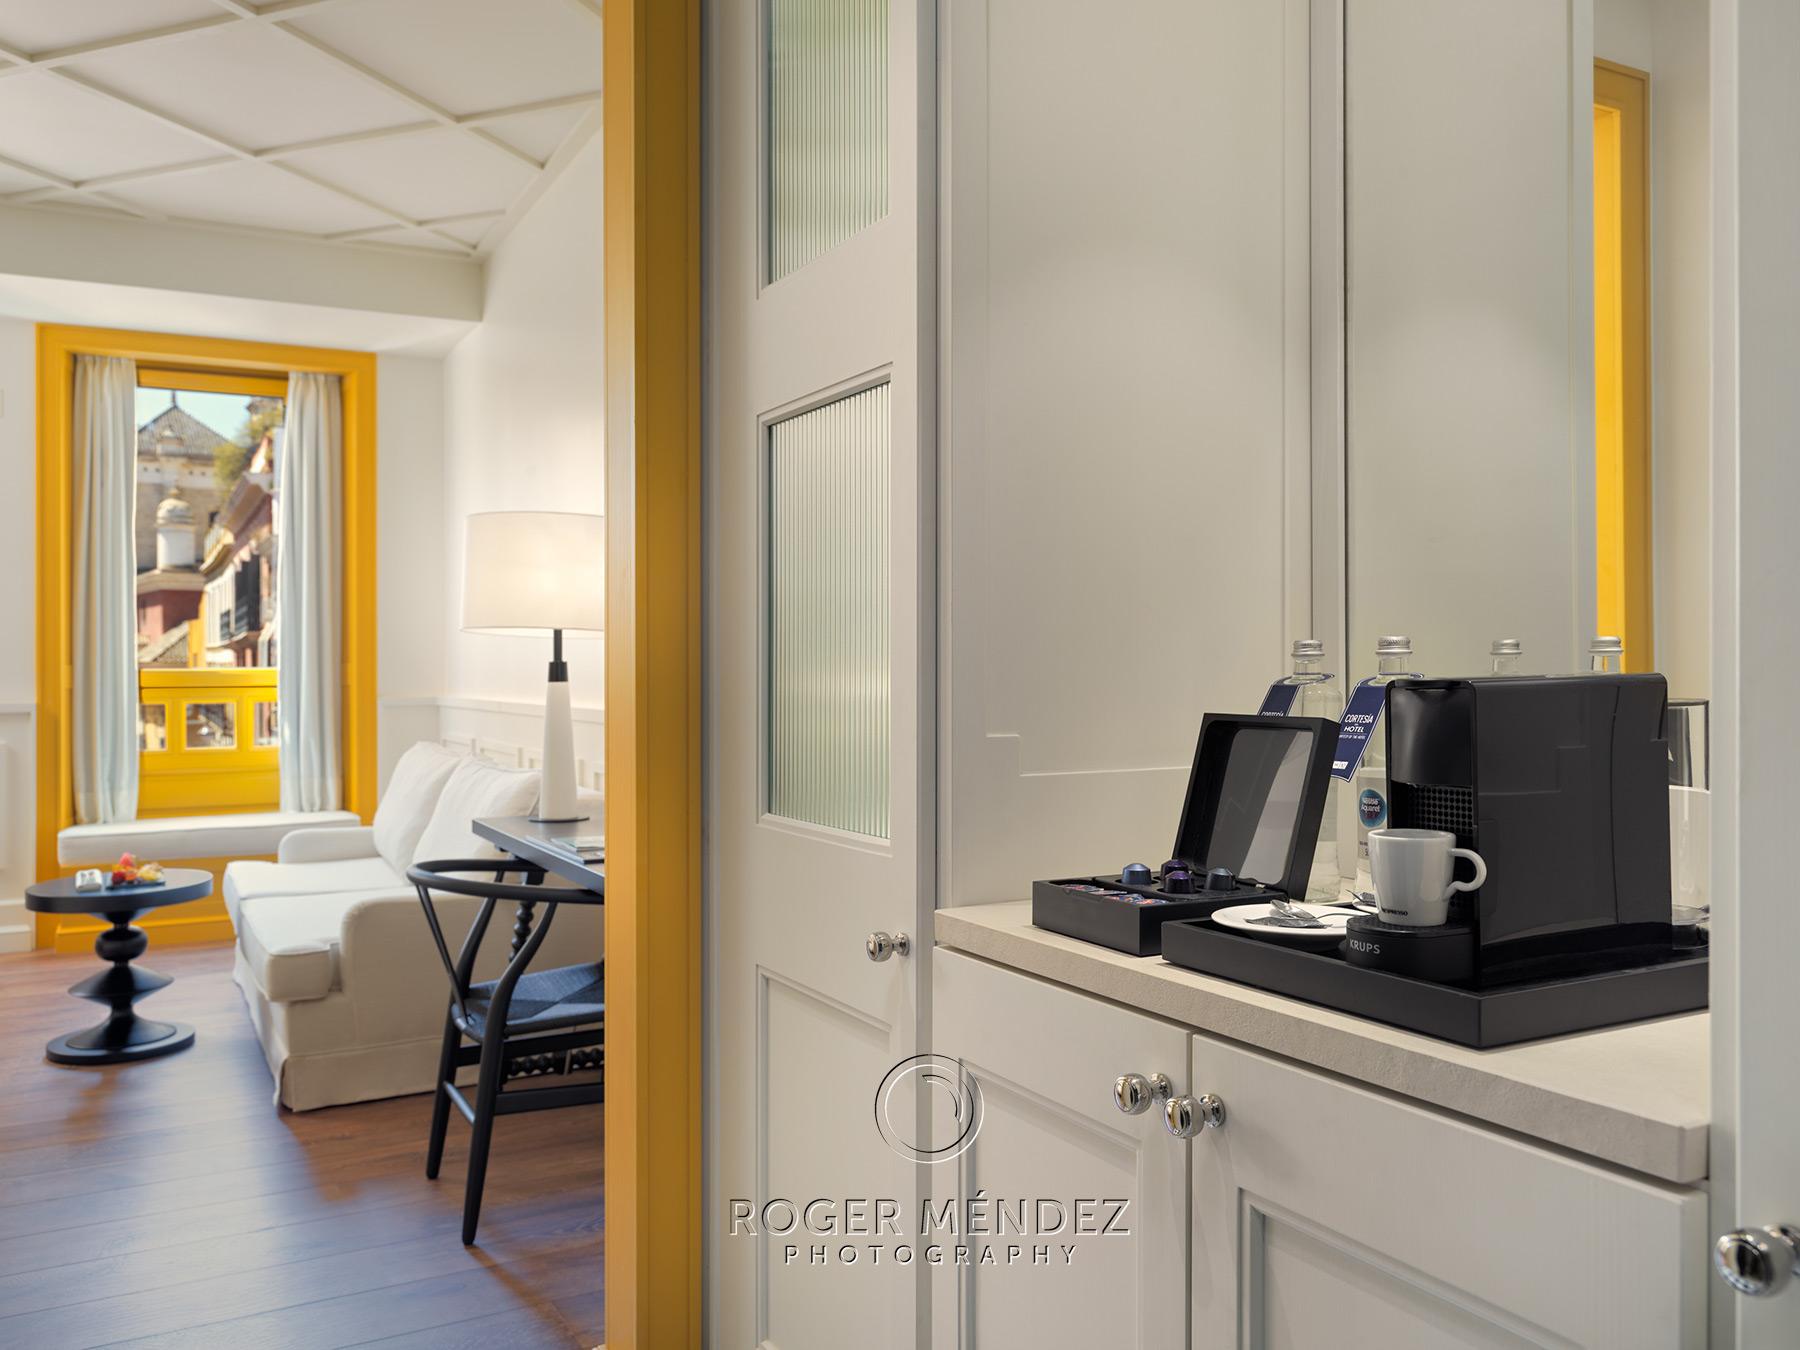 Detalle cafetera habitación hotel H10 Casa de la Plata